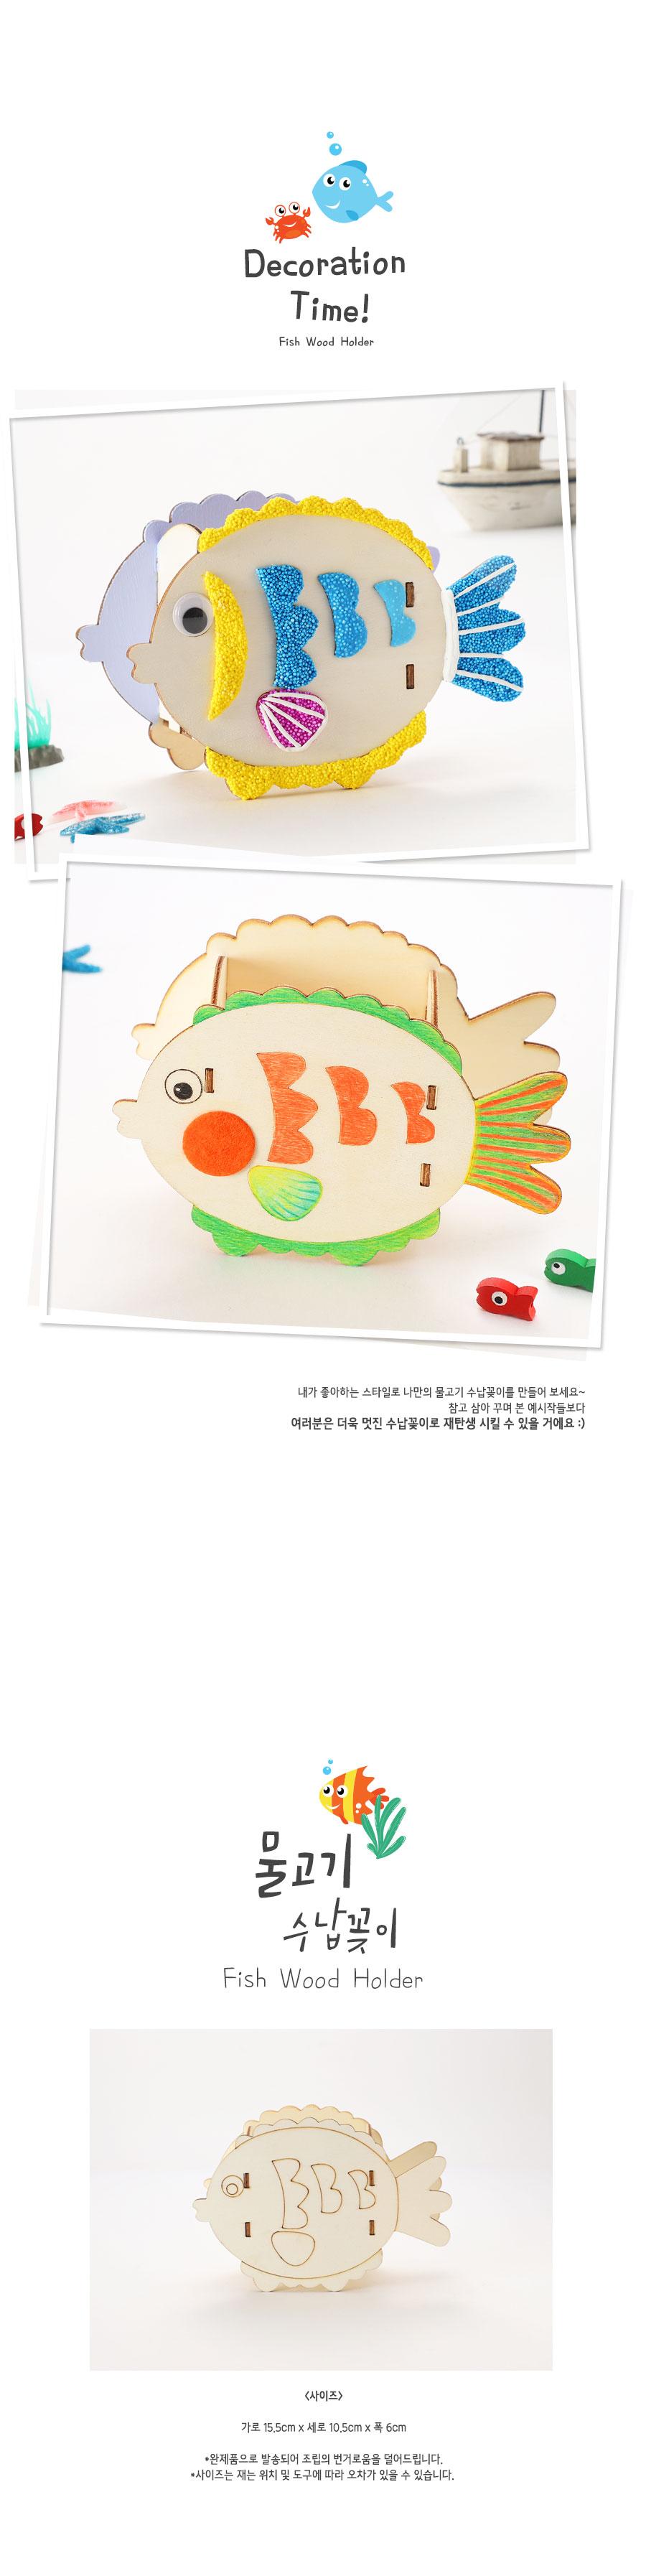 물고기수납꽂이(1개)/원목/연필꽂이 - 아트랄라, 1,100원, 비즈공예, 비즈